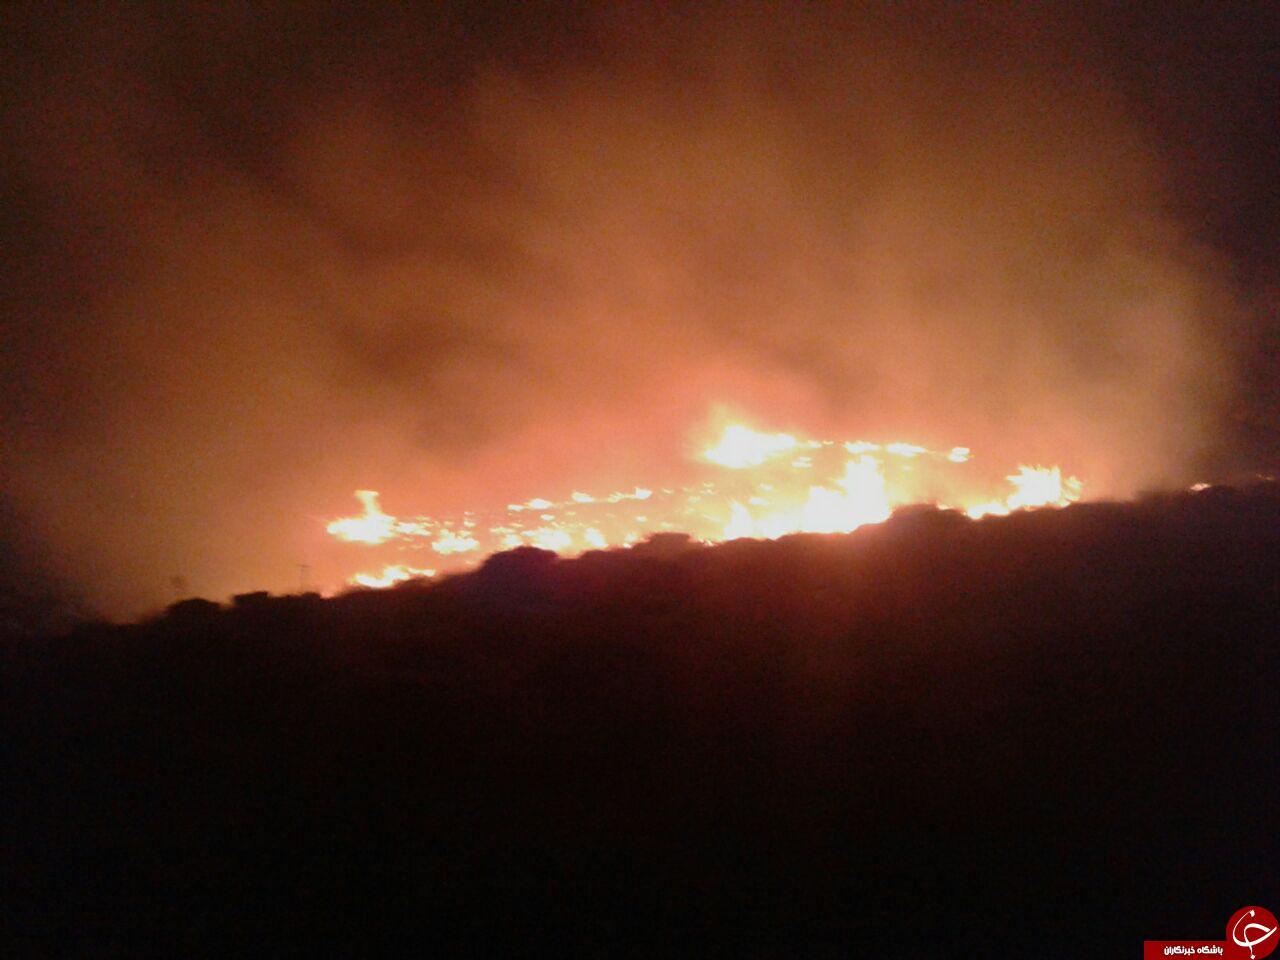 مهار دوحادثه آتش سوزی درمنطقه حفاظت شده کلیلاق زاوه